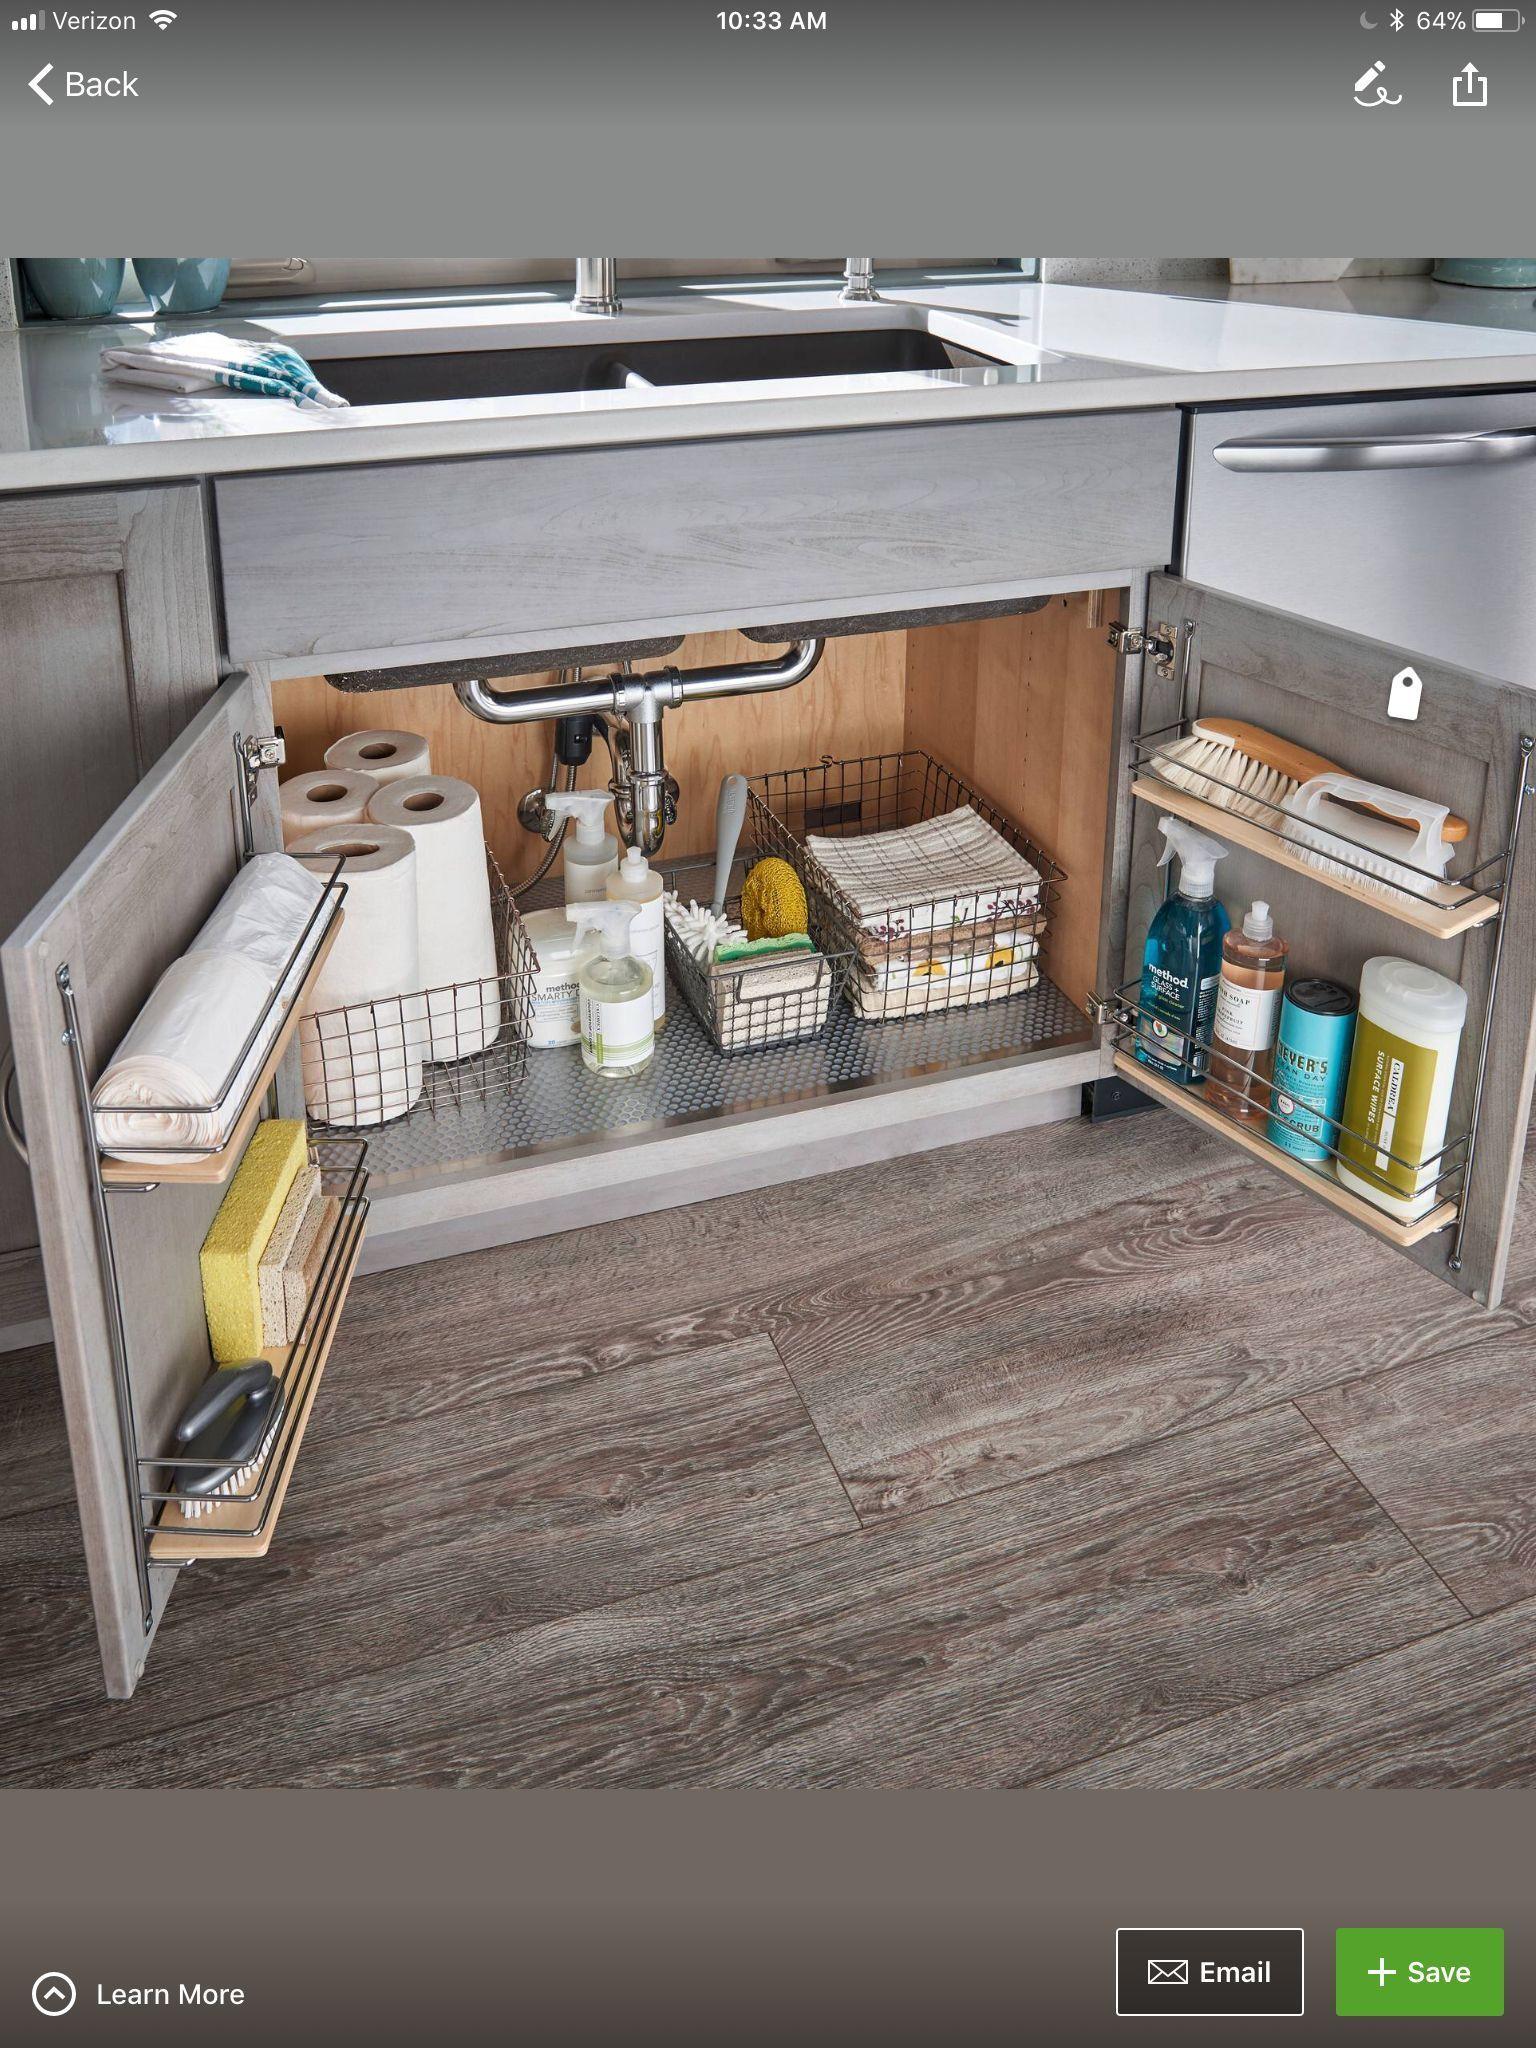 Under Kitchen Sink Storage Kitchenremodeltips Kitchencabinetbaskets Under Kitchen Sinks Under Kitchen Sink Storage Kitchen Sink Storage